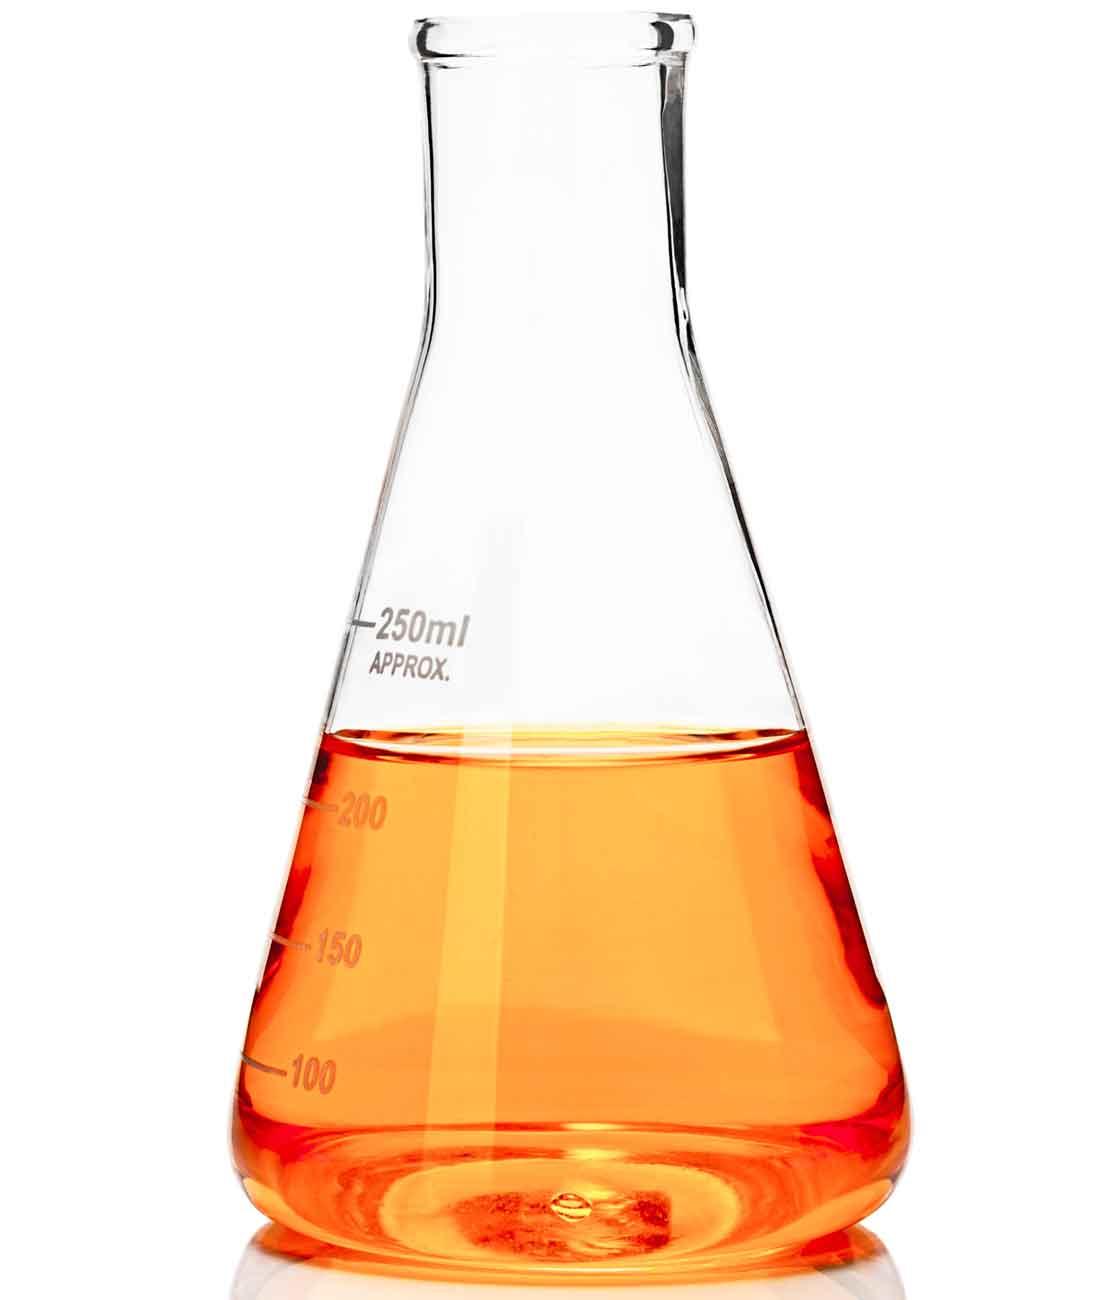 SAFE-SOLV solvent